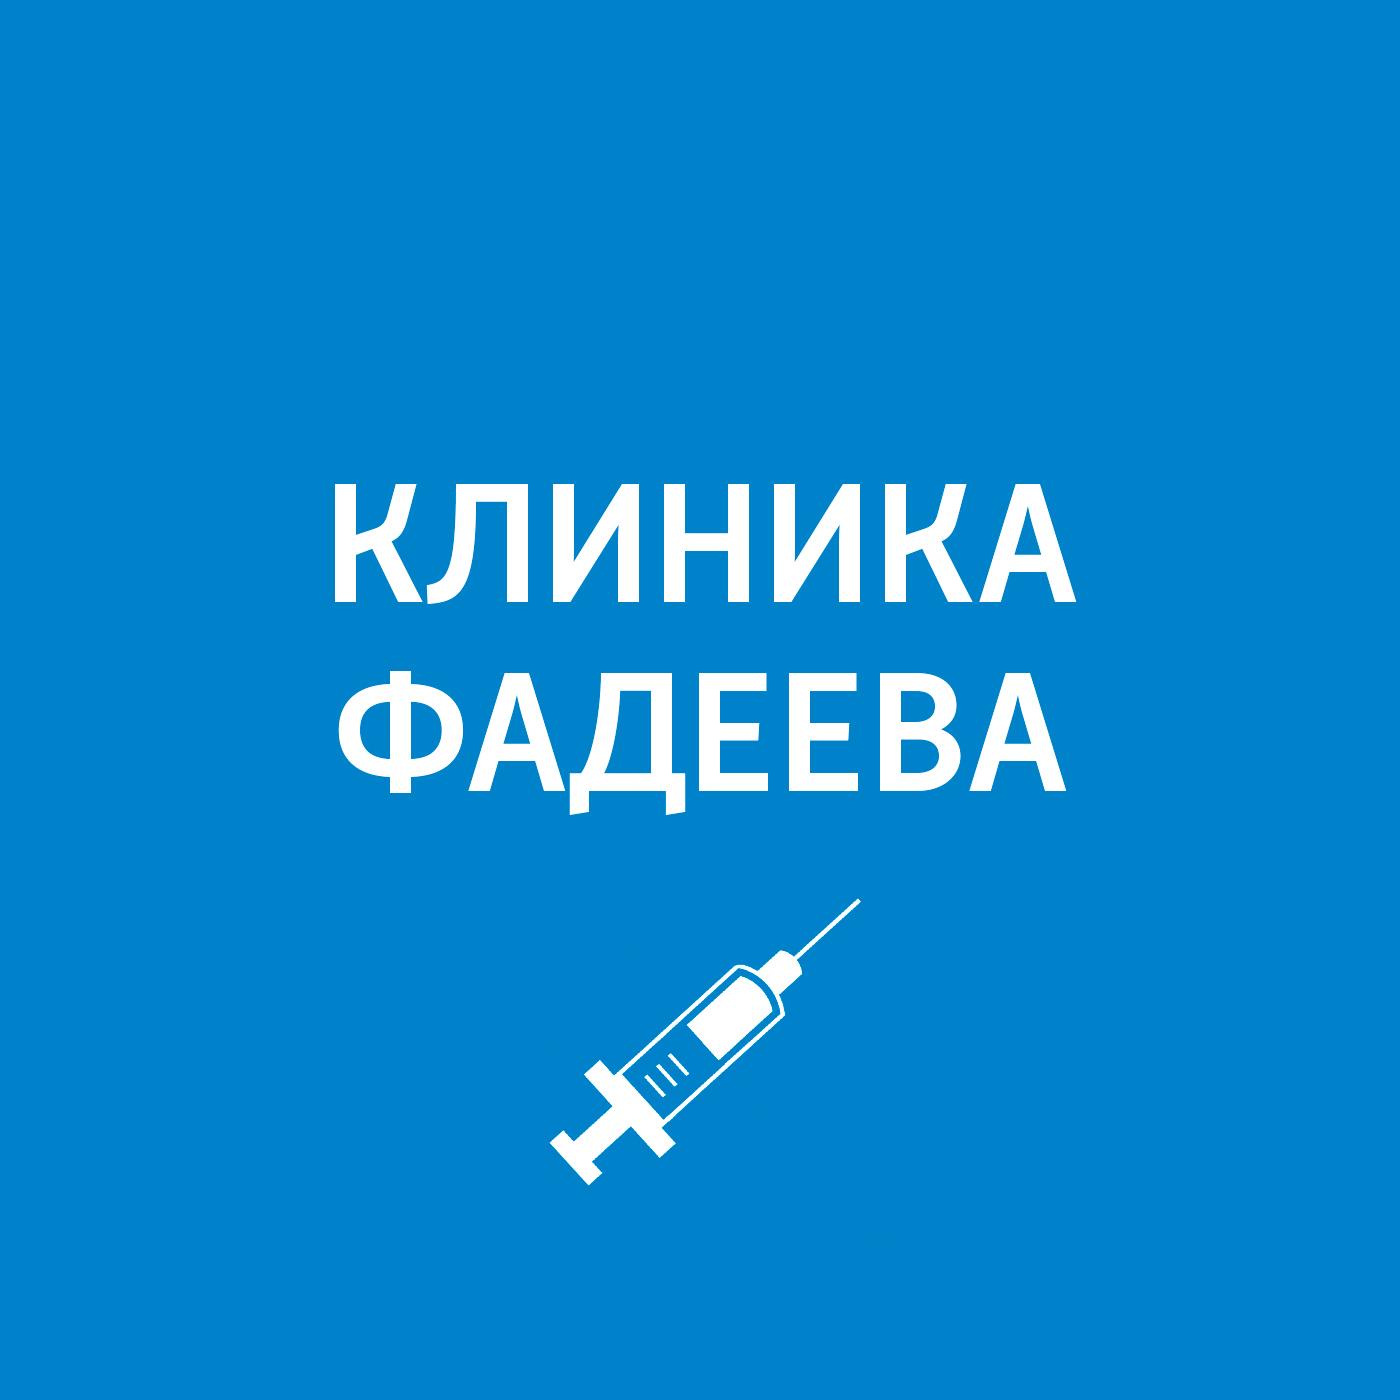 Пётр Фадеев Волосы. Часть 2 пётр фадеев кинезиолог остеопат